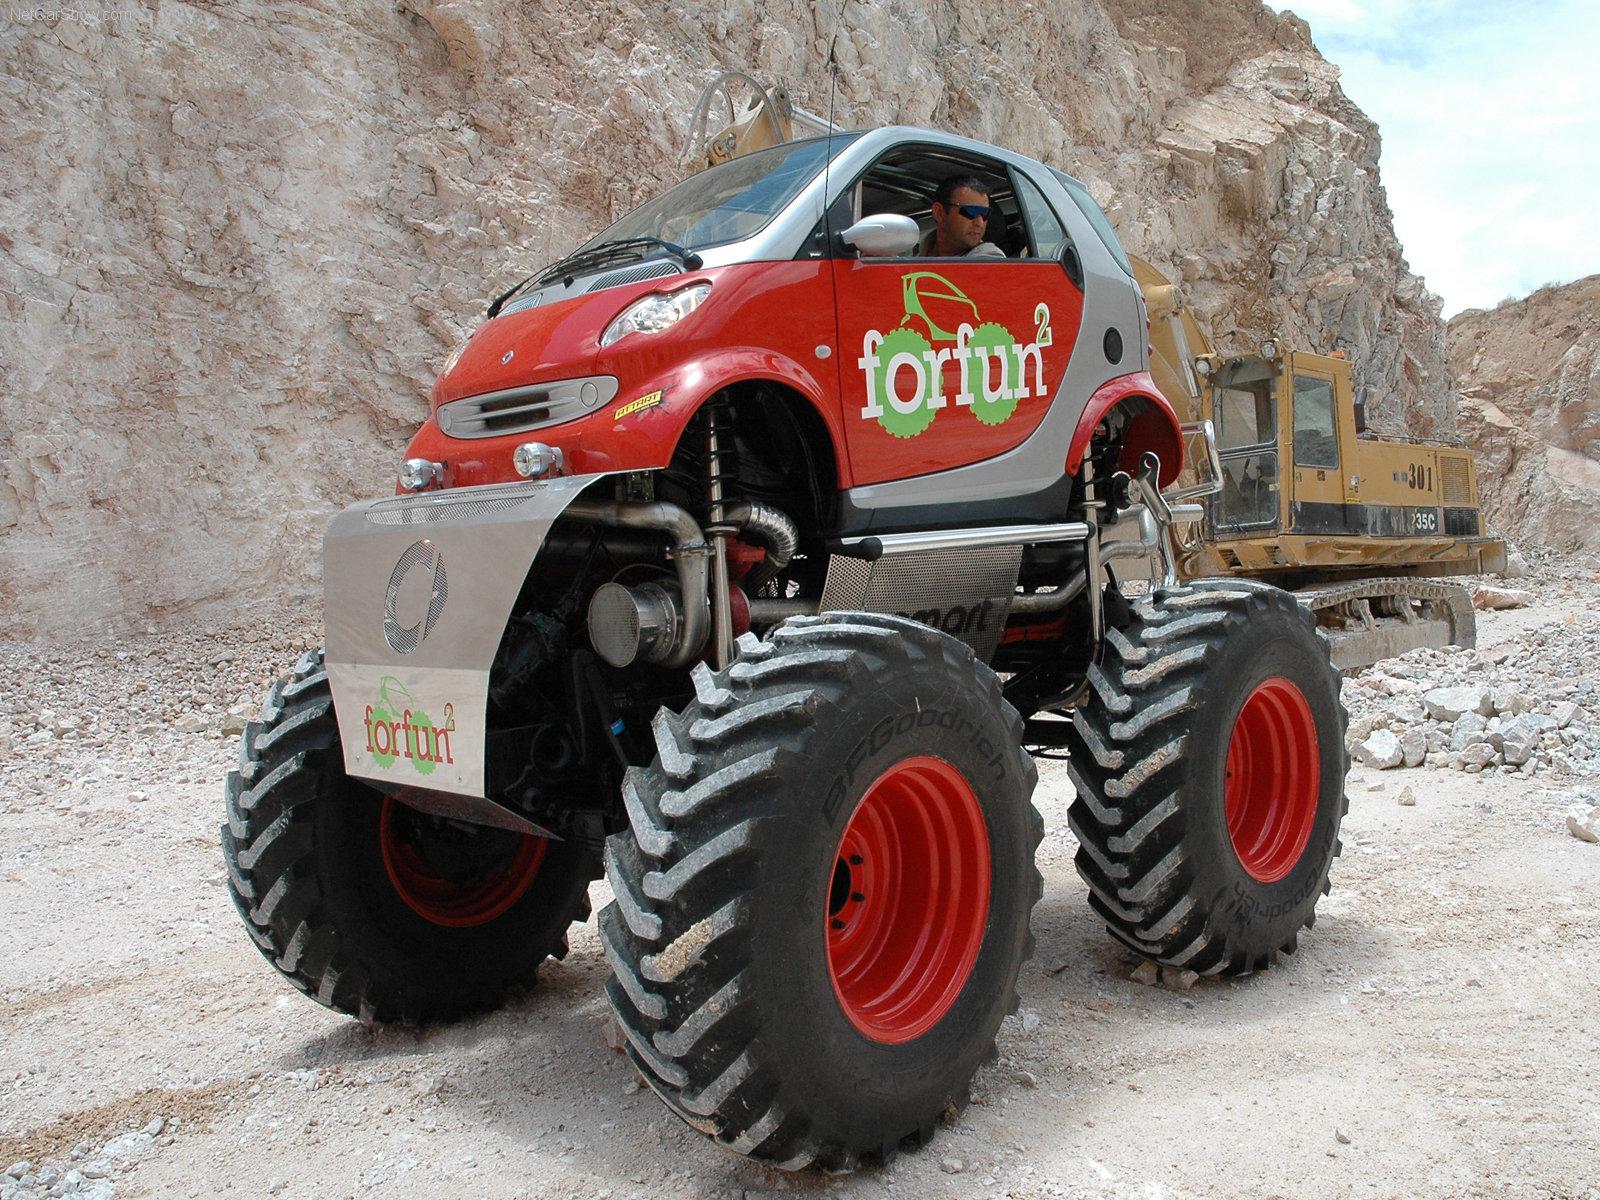 Hình ảnh xe ô tô Smart forfun2 2006 & nội ngoại thất